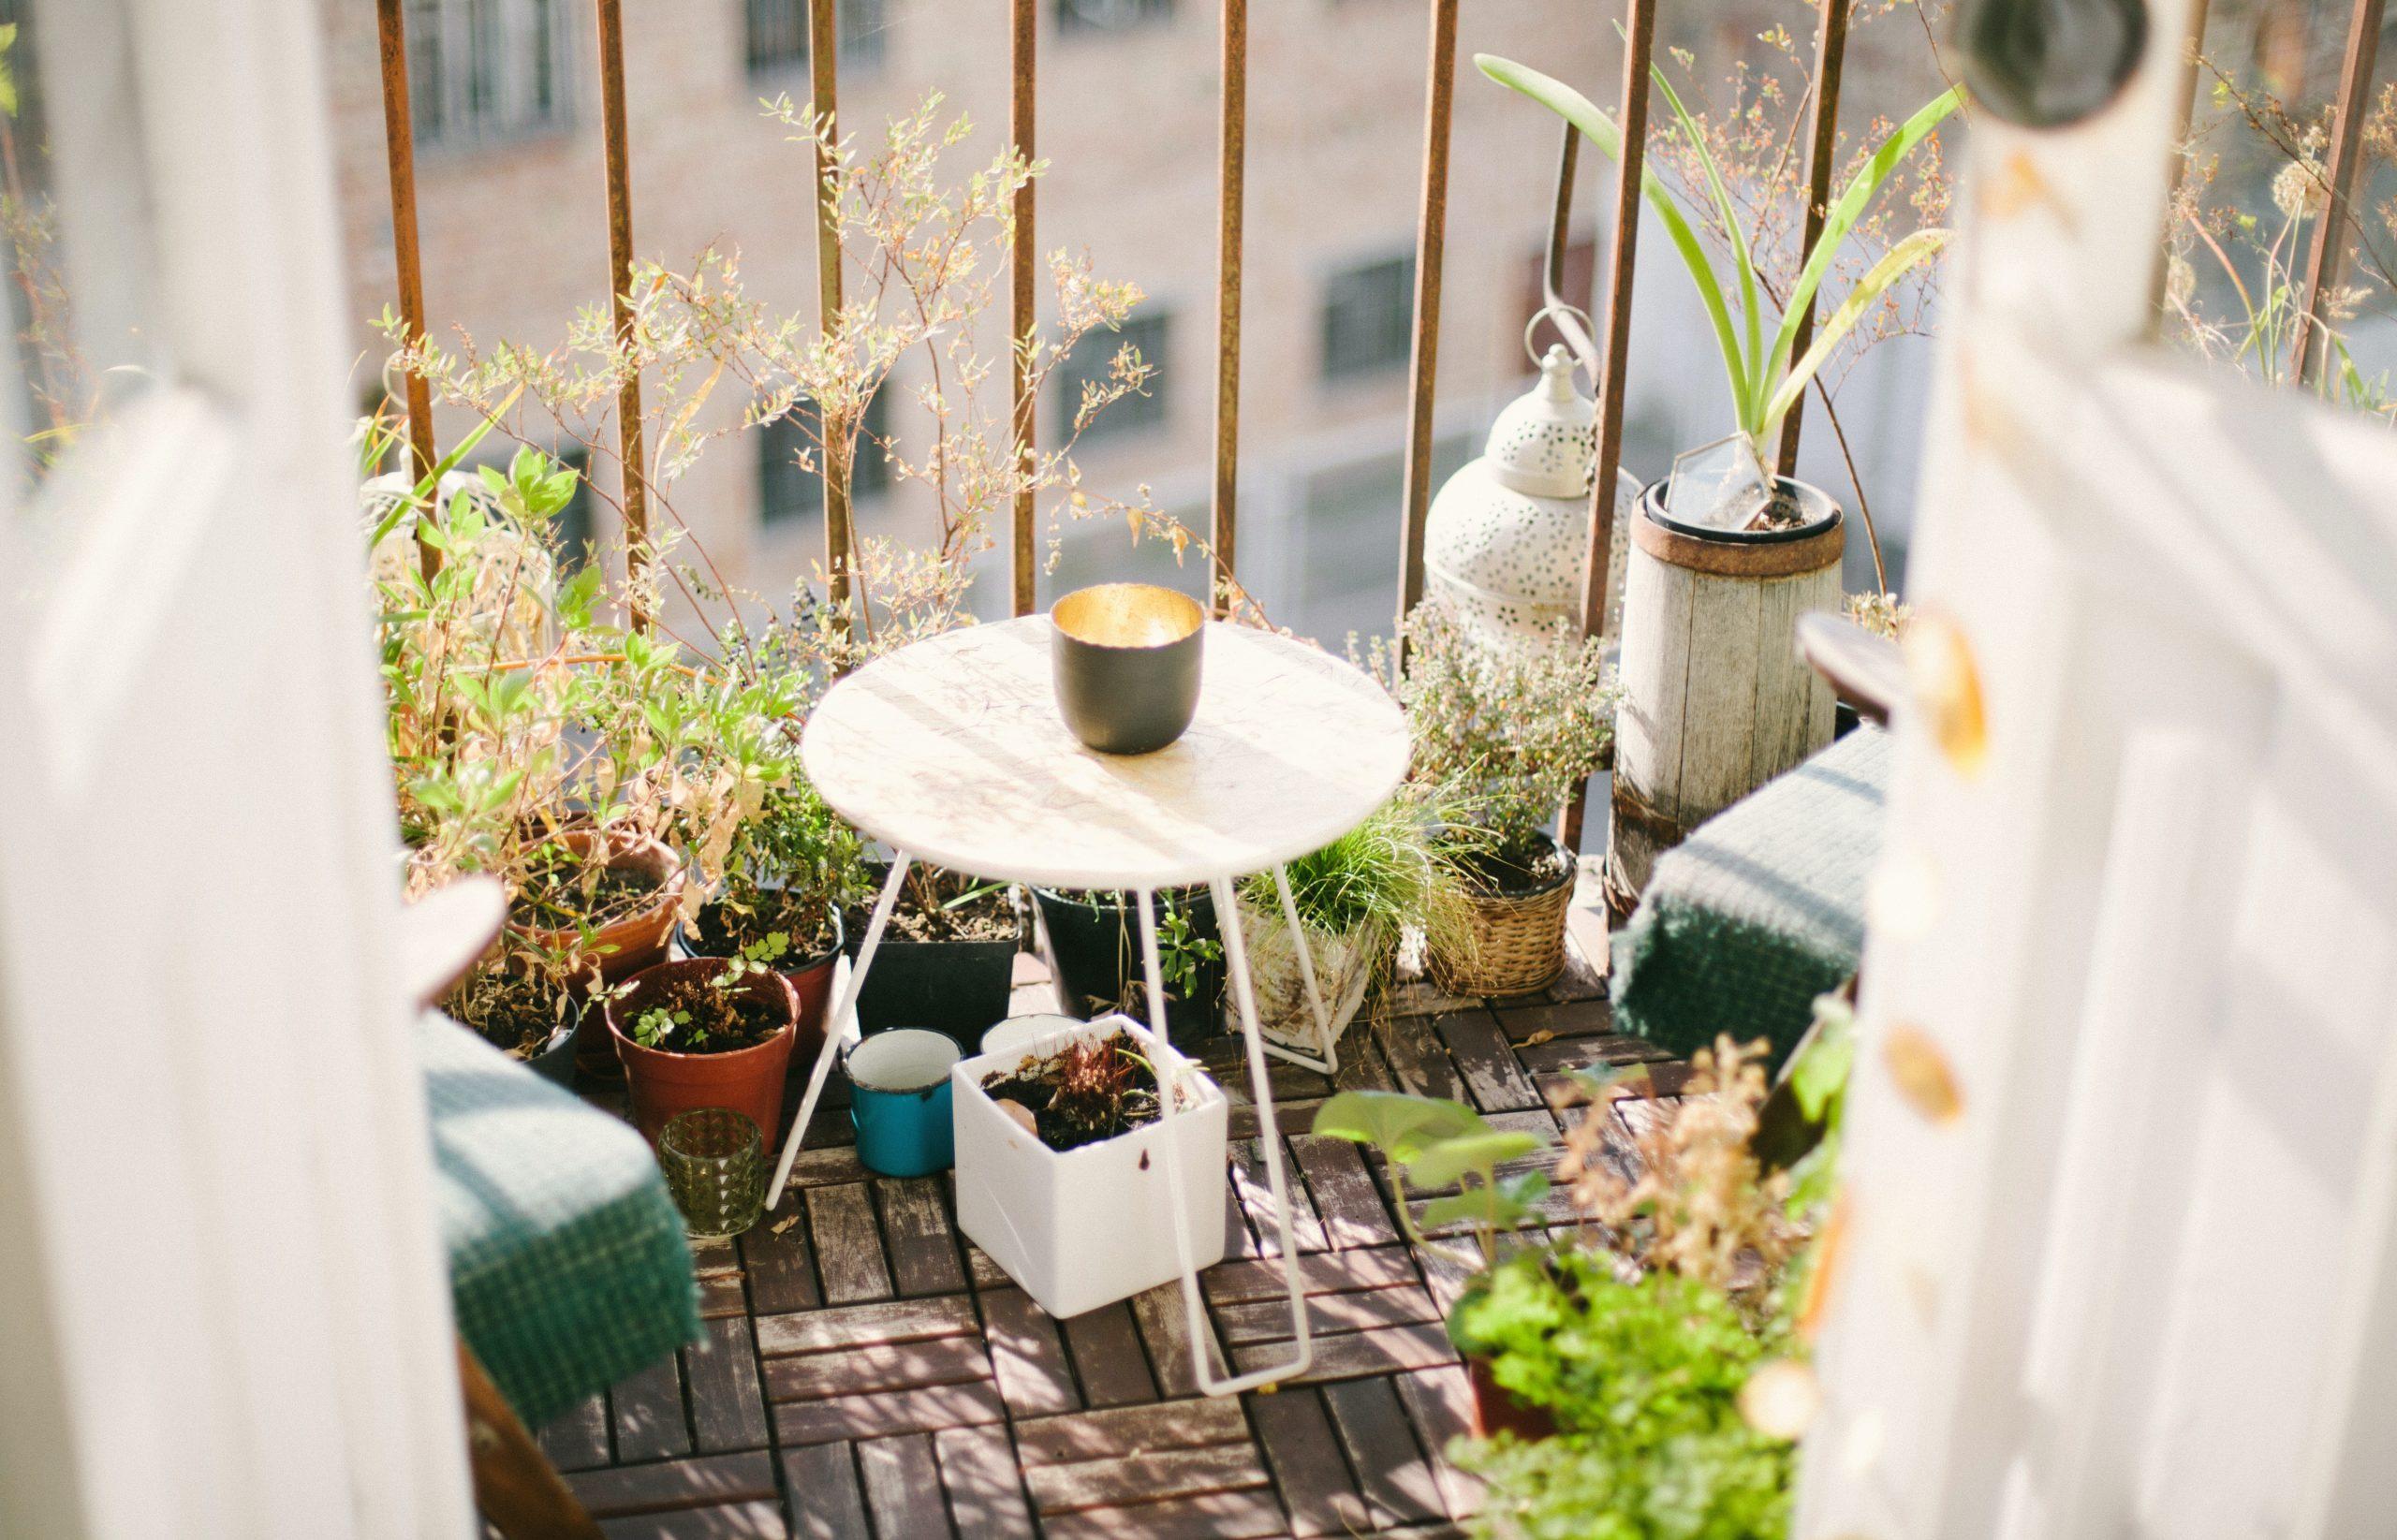 Cómo limpiar el suelo de la terraza - terraza con plantas y mesa